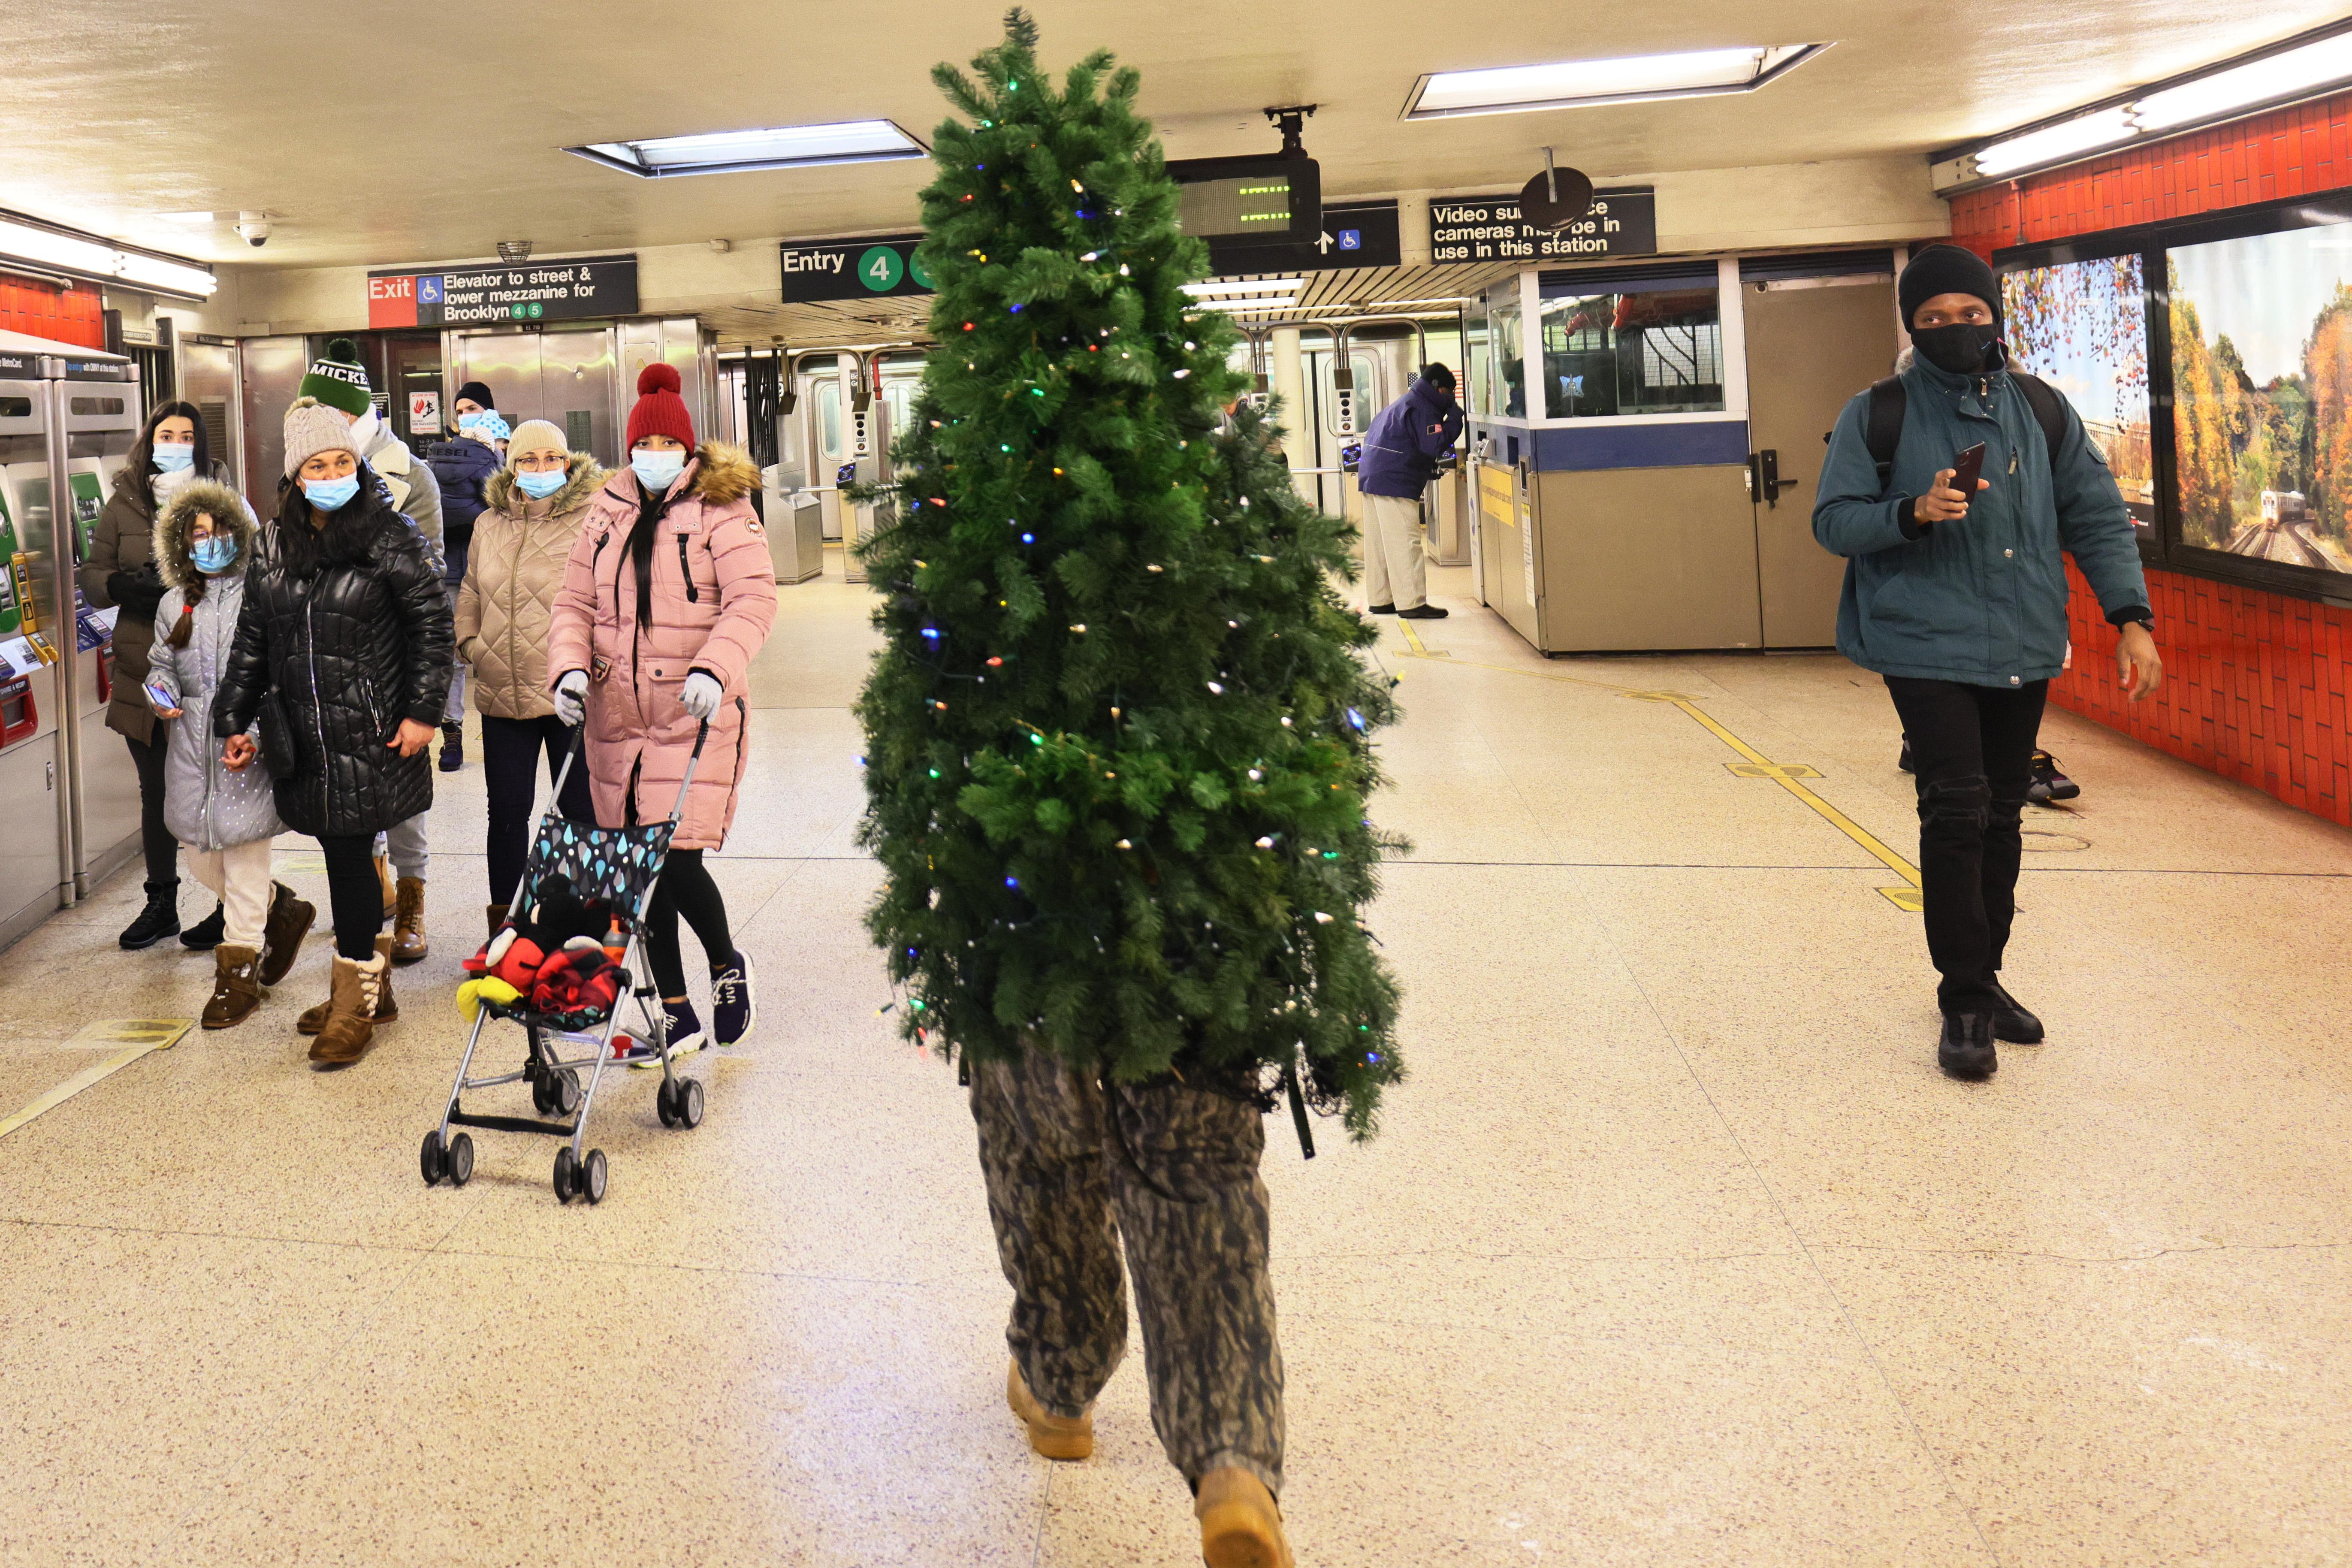 Egy felfújható karácsonyfa-jelmez miatt fertőződött meg 40 ember egy kaliforniai kórházban